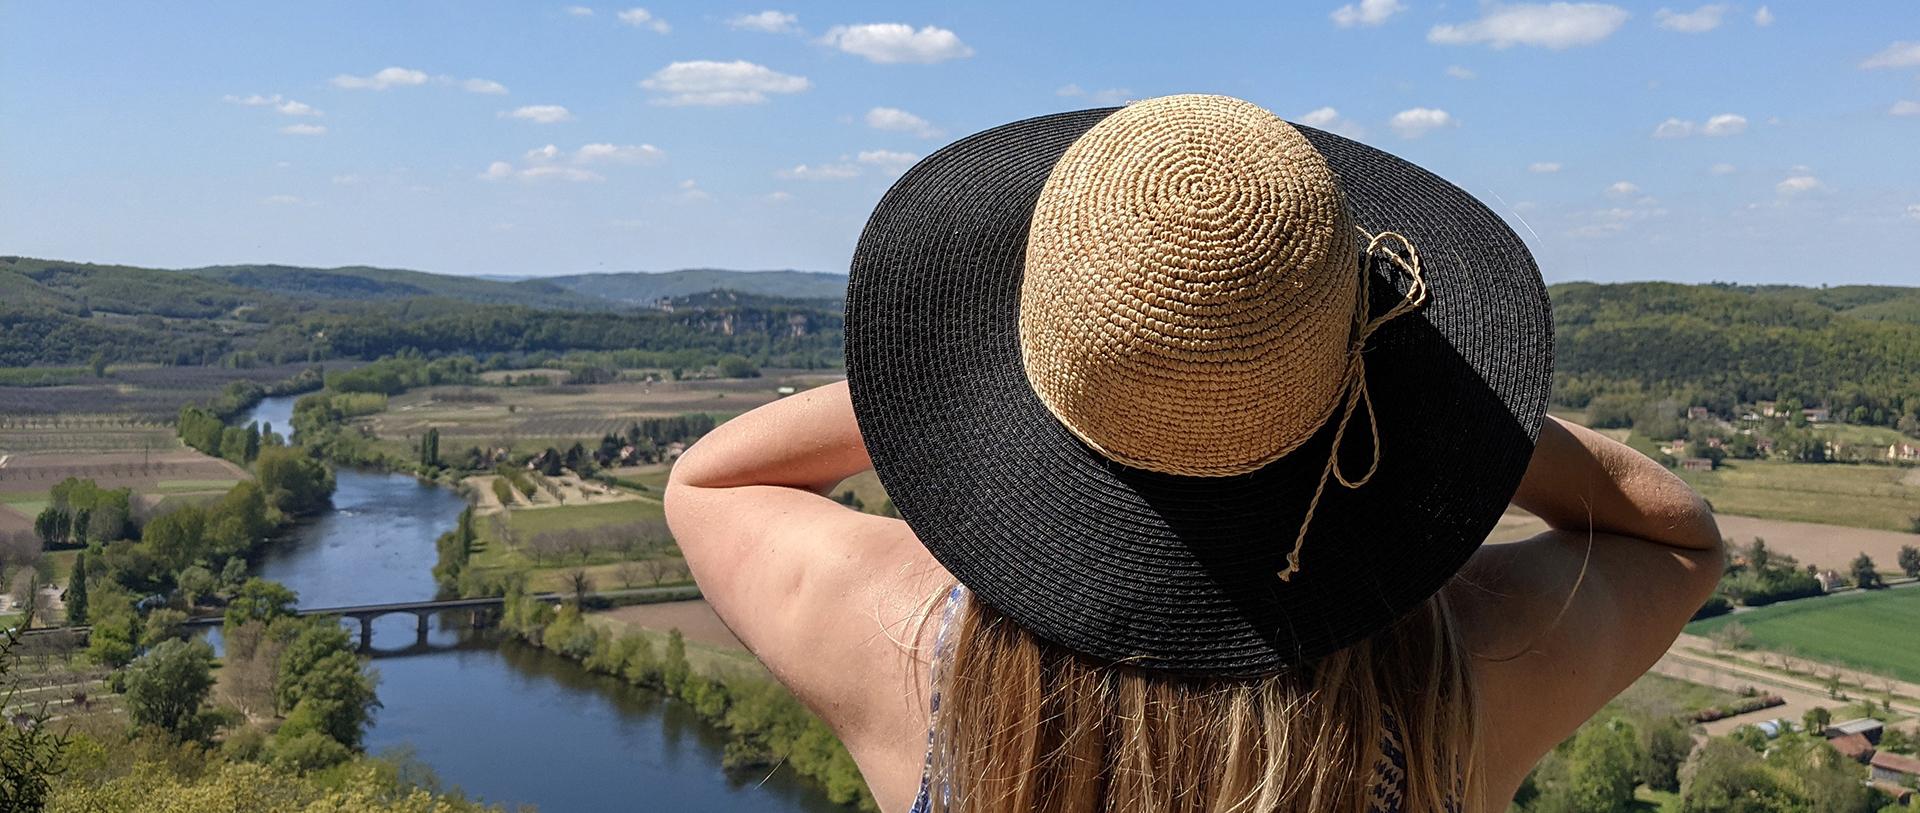 chapeau_femme